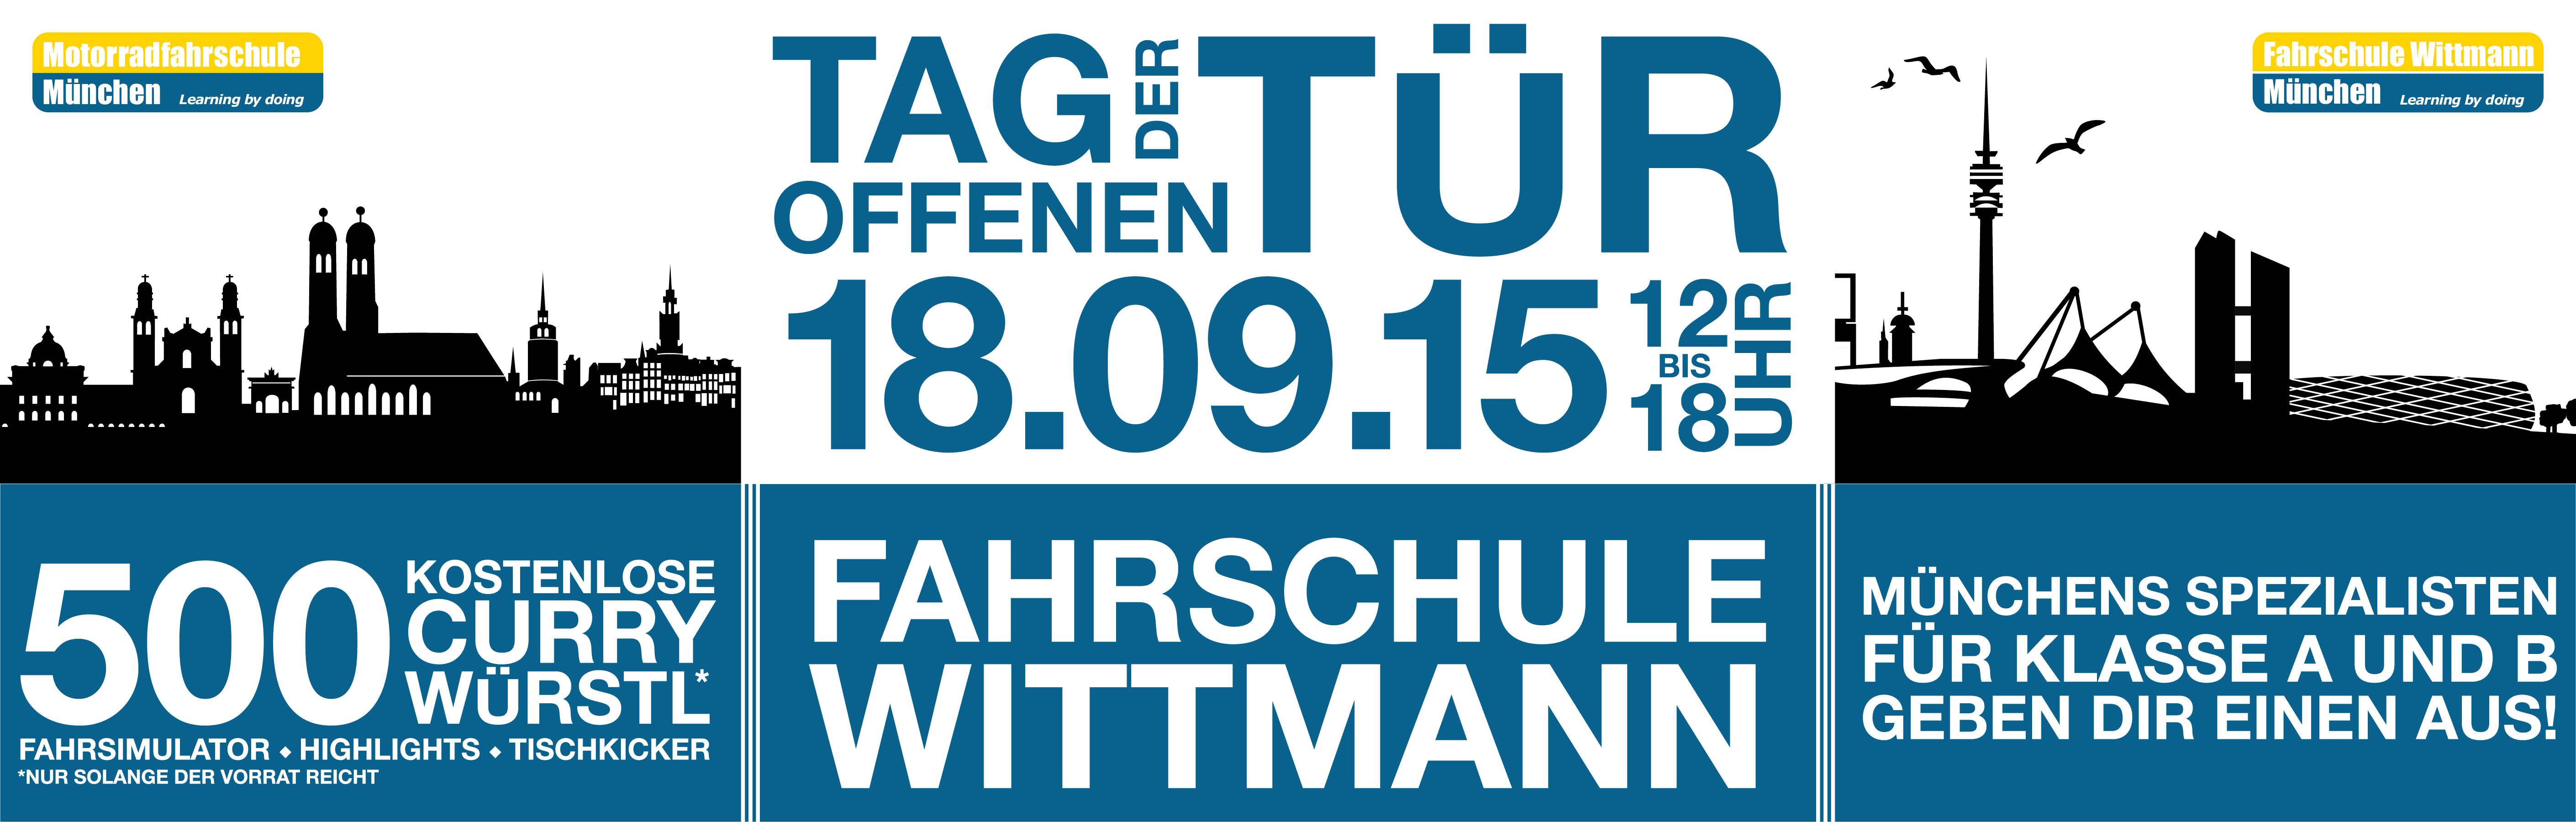 Fahrschule-Wittmann-Motorradfahrschule-Autofahrschule-Muenchen-2015-Tag-Der-Offenen-Tuer